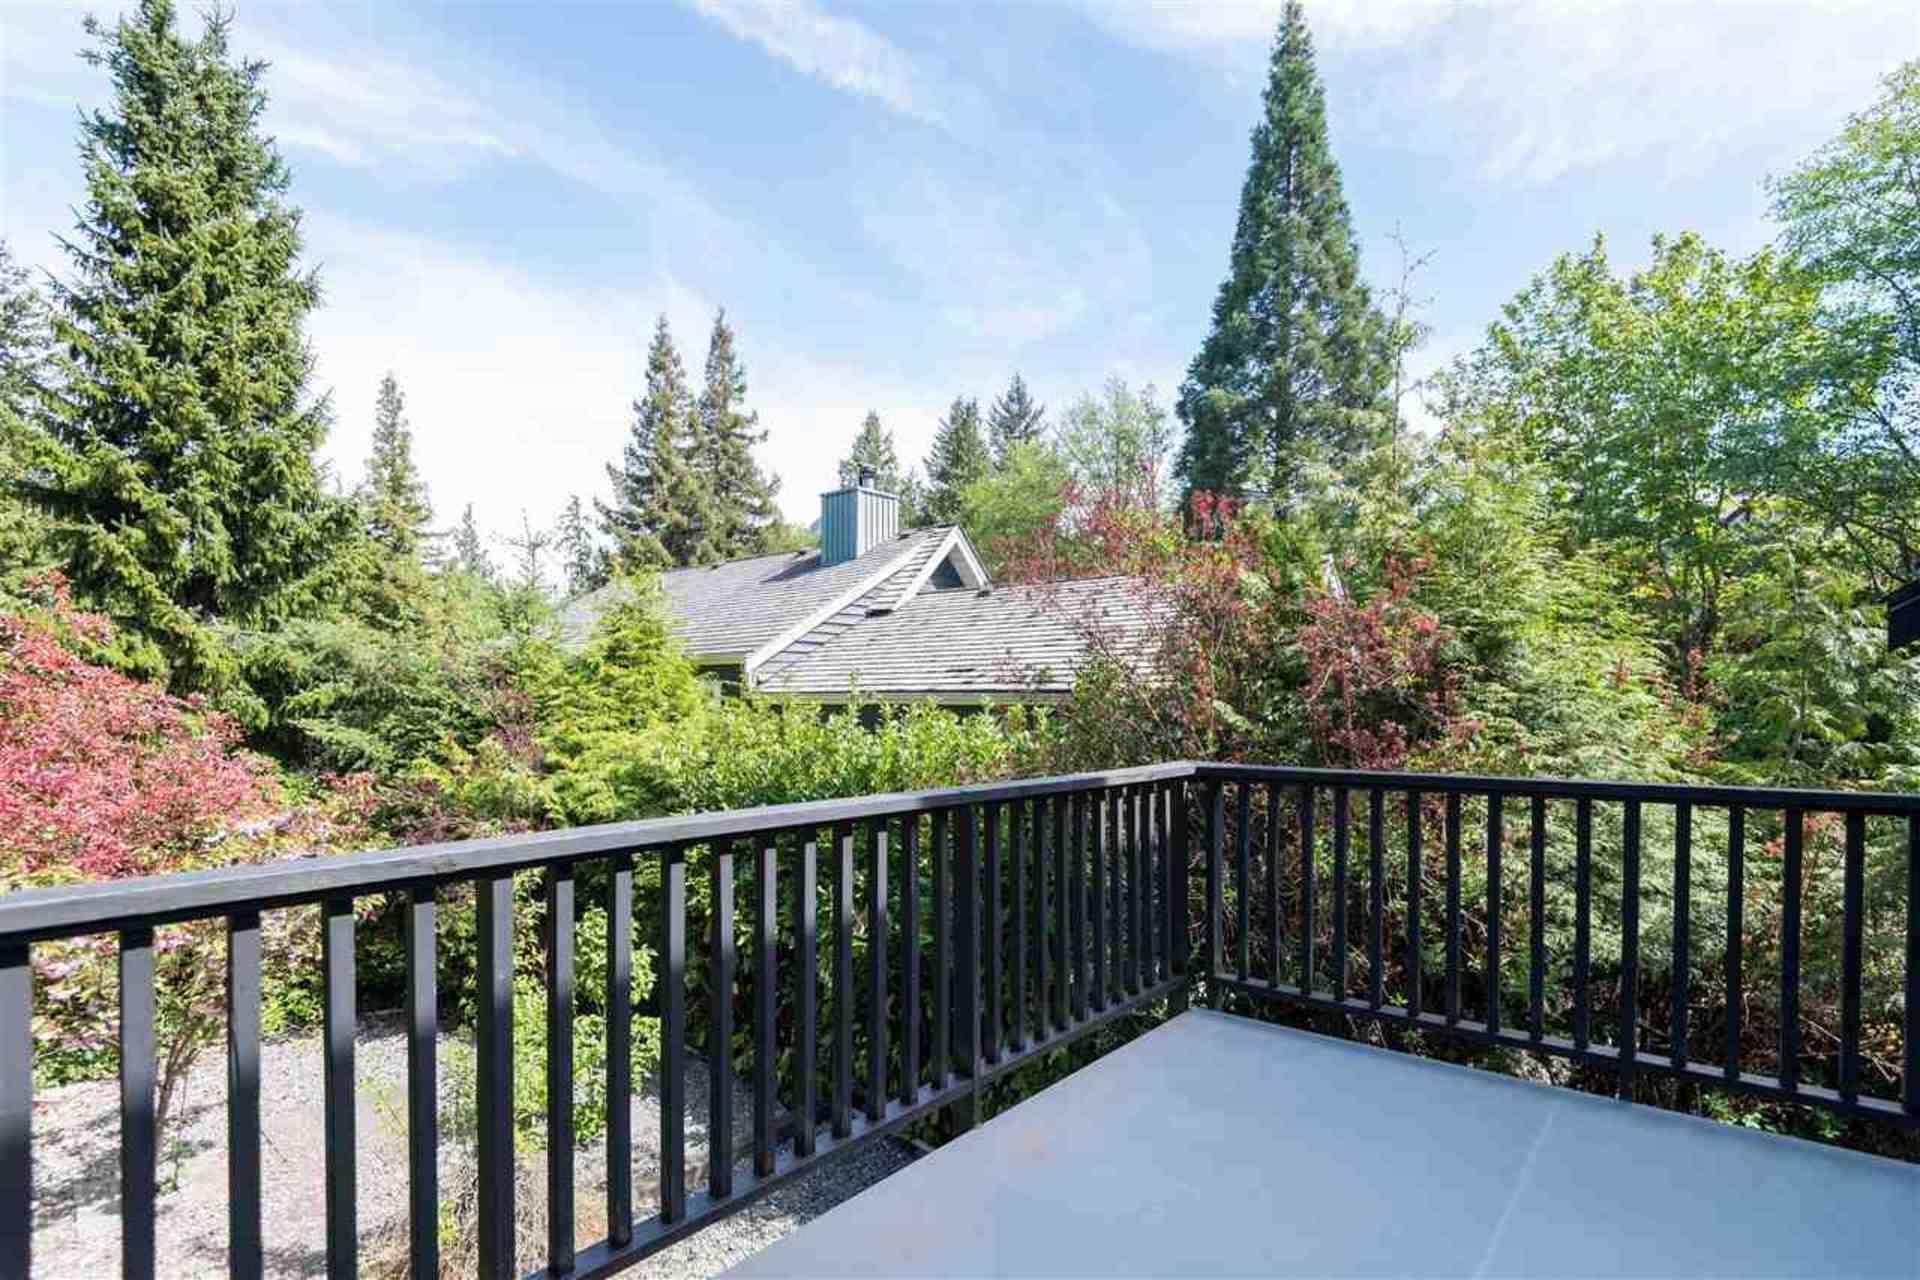 5496-monte-bre-crescent-upper-caulfeild-west-vancouver-05 at 5496 Monte Bre Crescent, Upper Caulfeild, West Vancouver